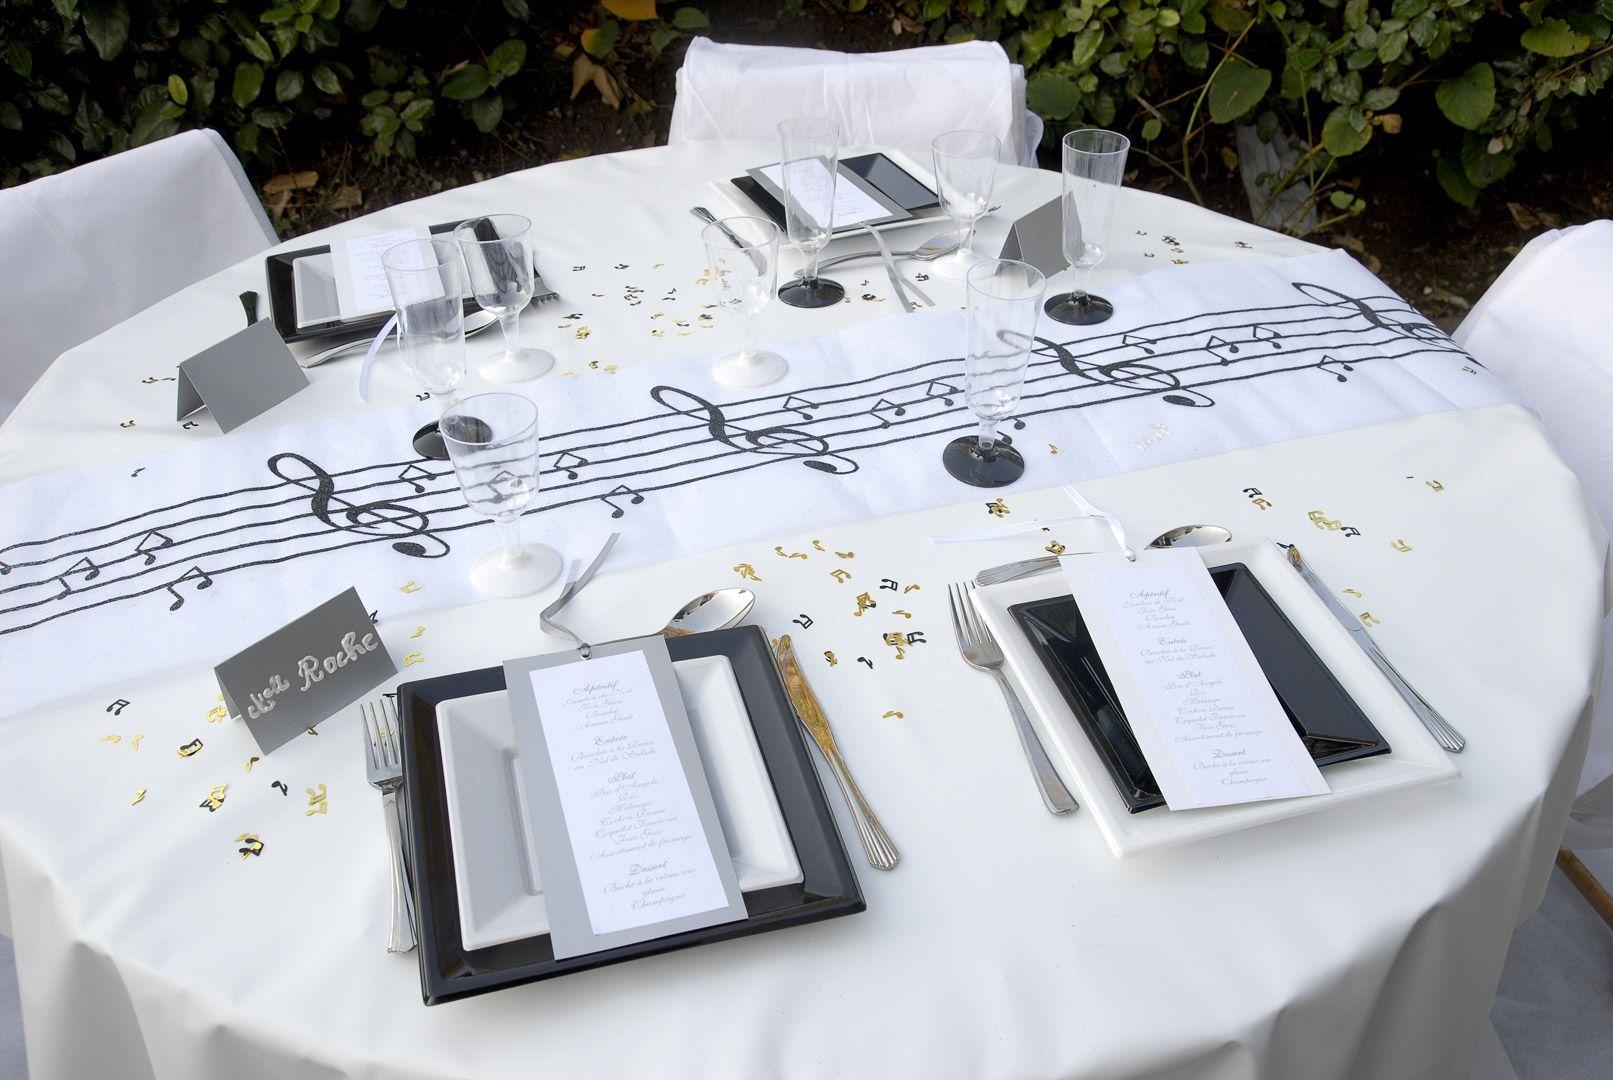 Déco table 2 | Chorus Banquet | Pinterest | Karaoke party, Banquet ...